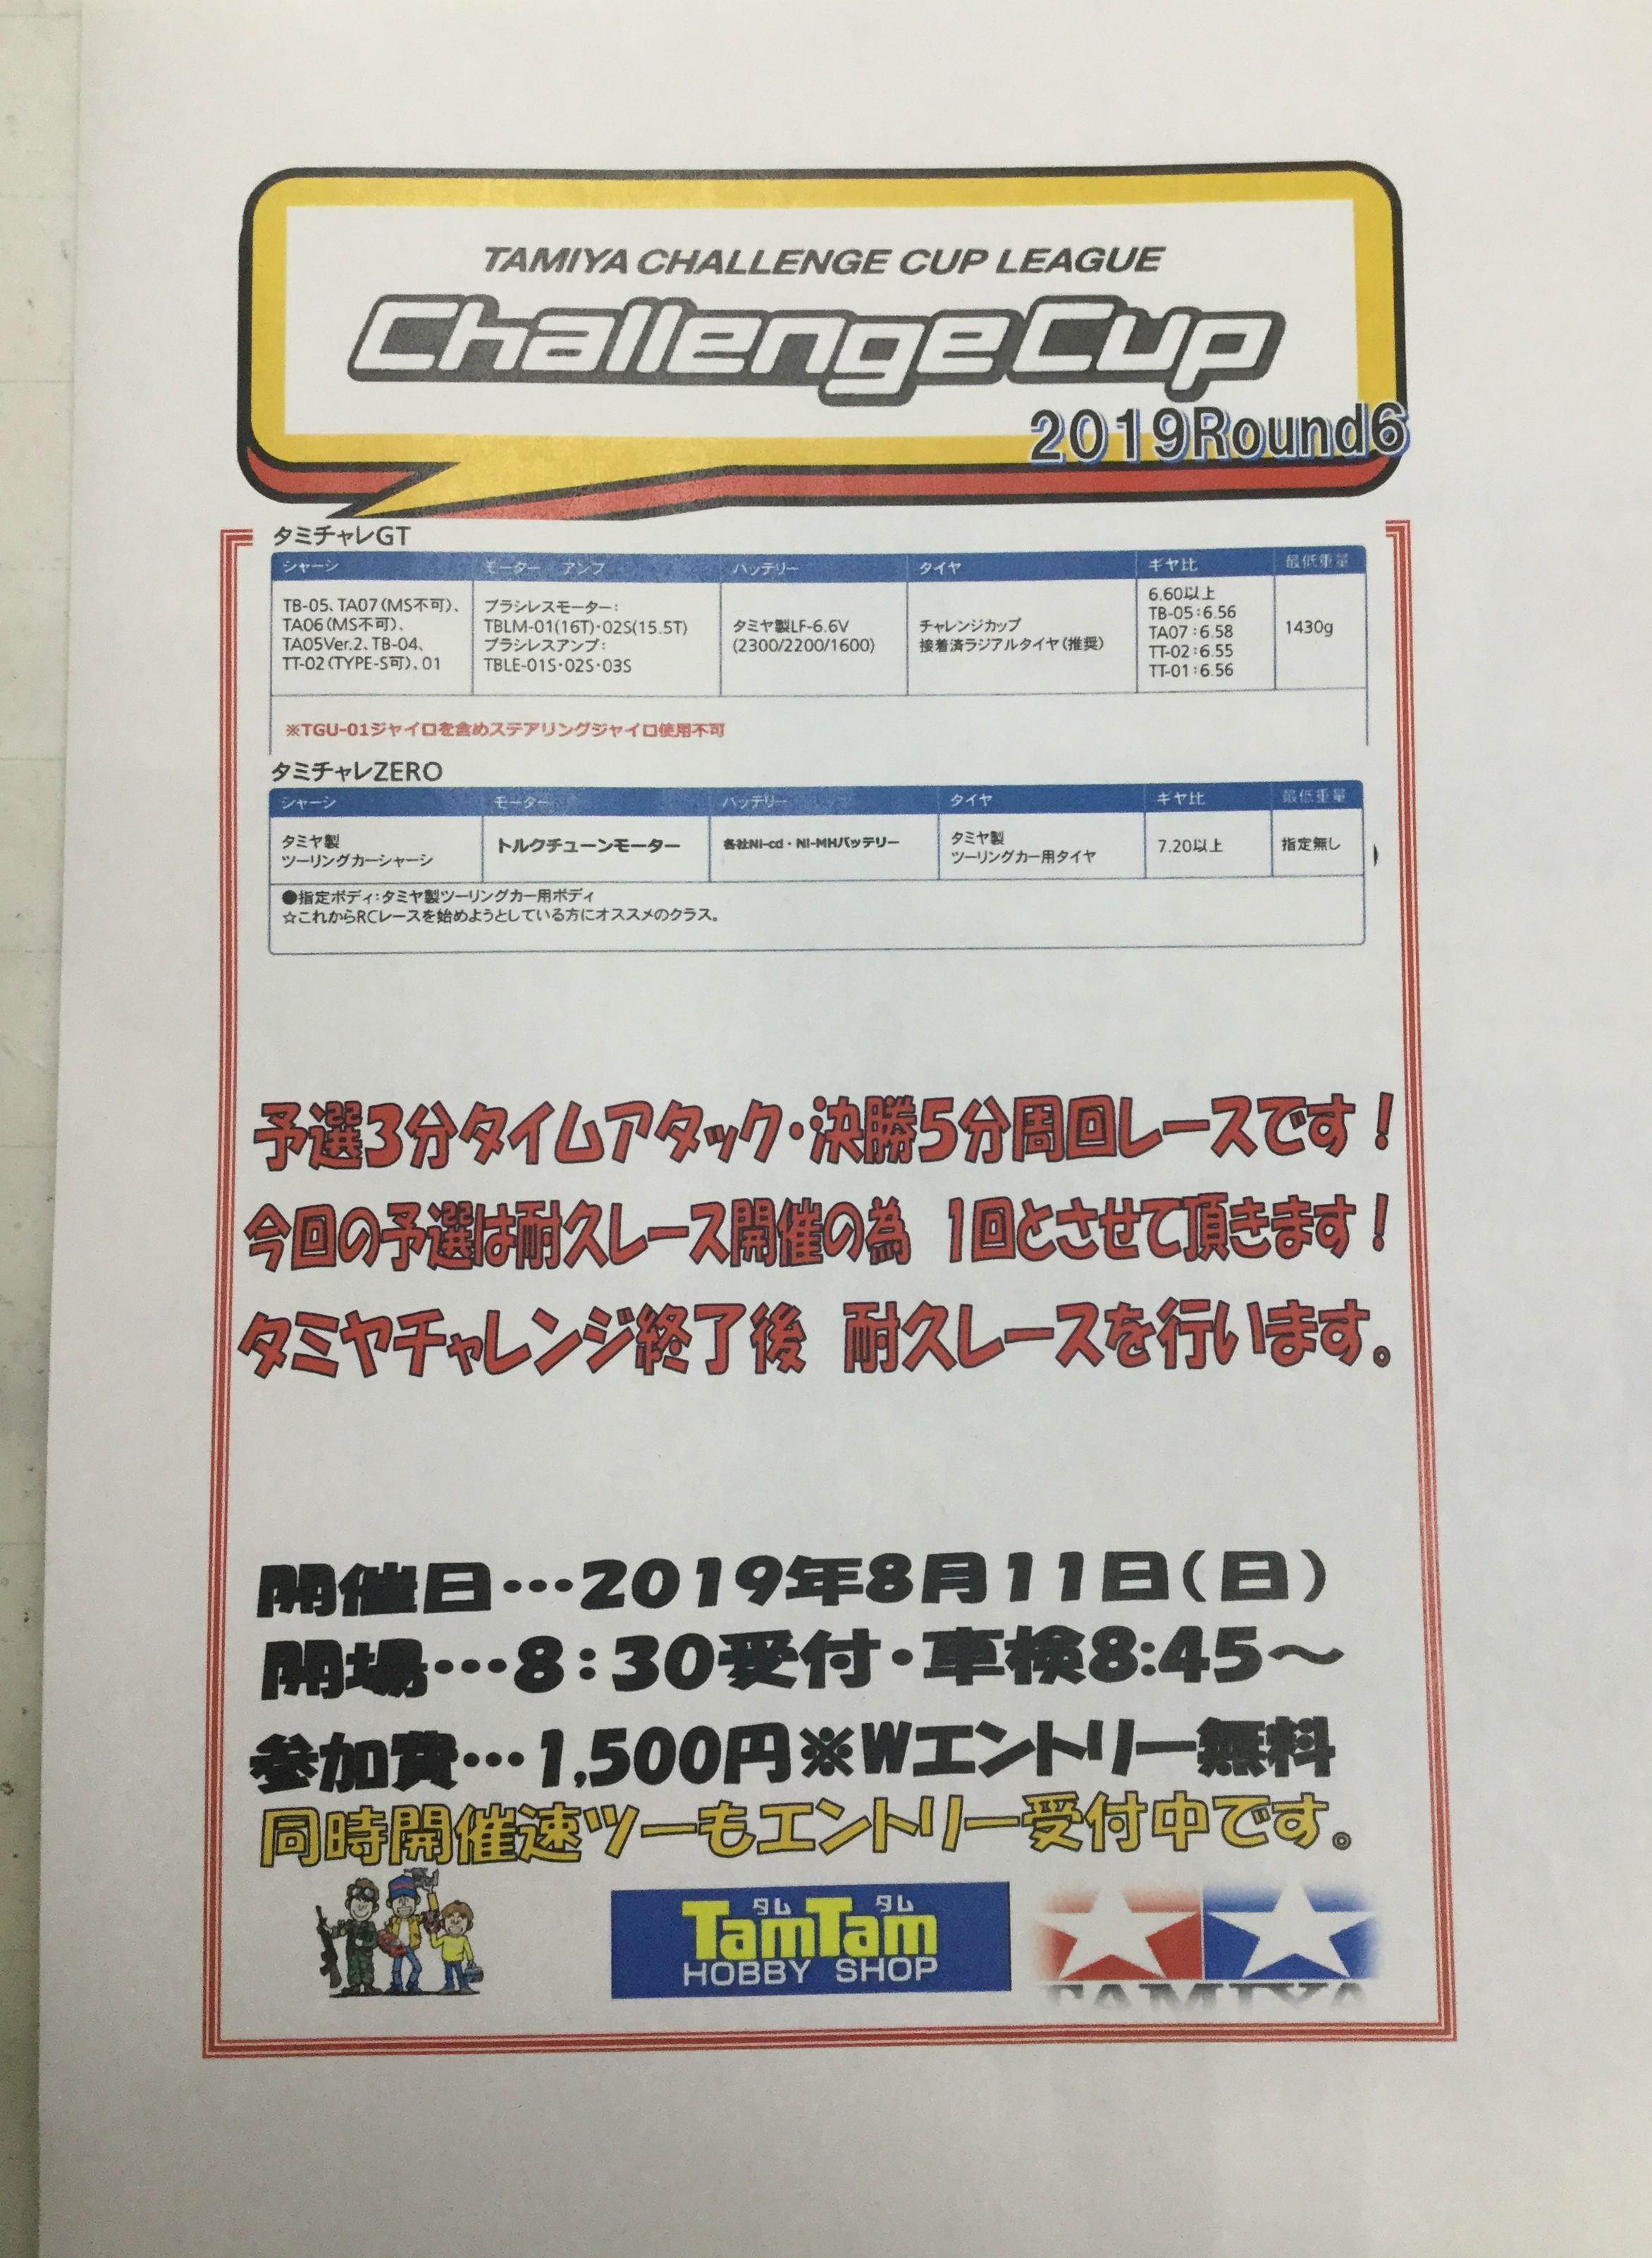 8月11日タミヤチャレンジ